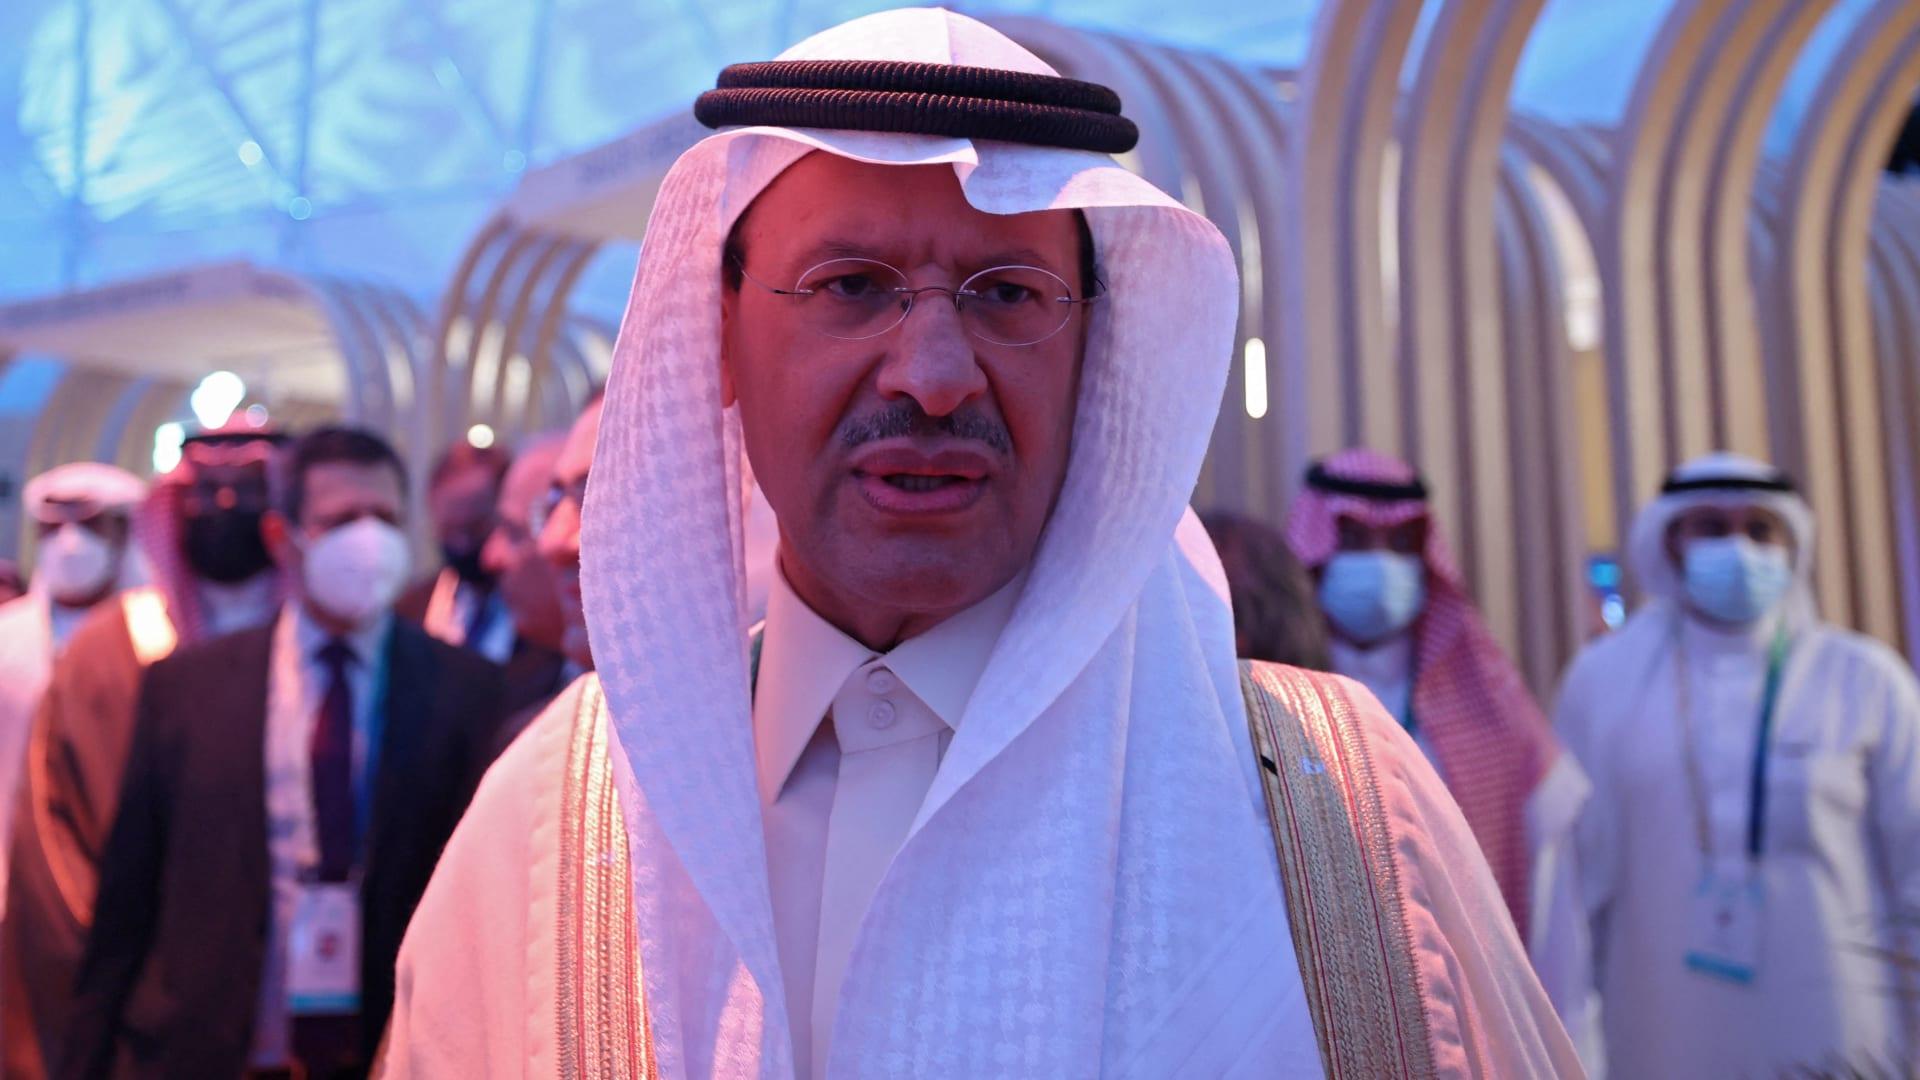 وزير الطاقة السعودي، الامير عبدالعزيز بن سلمان